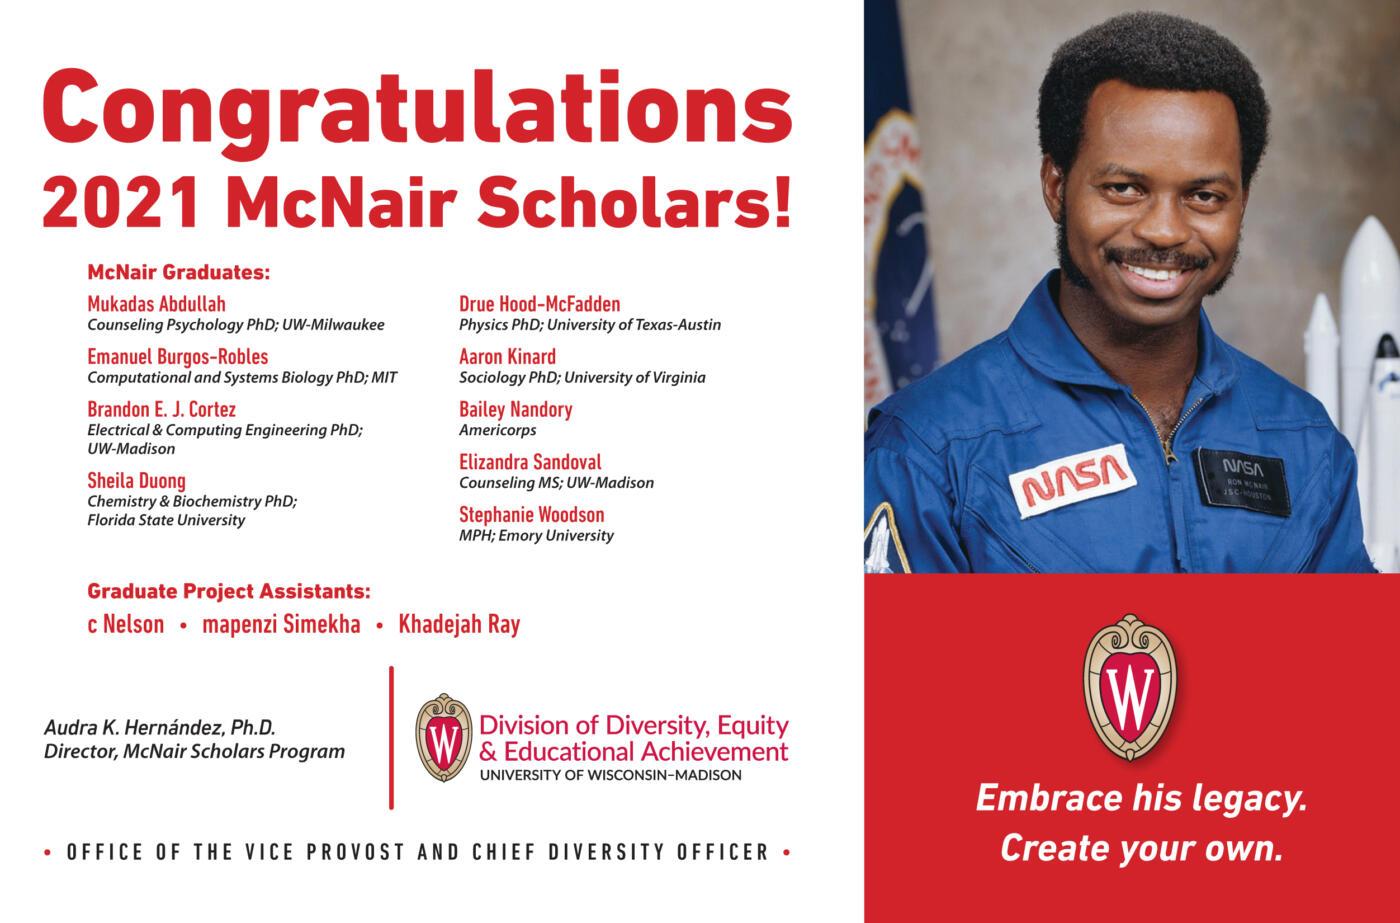 Los Graduados del prestigioso programa McNair 2021, muchas felicidades!